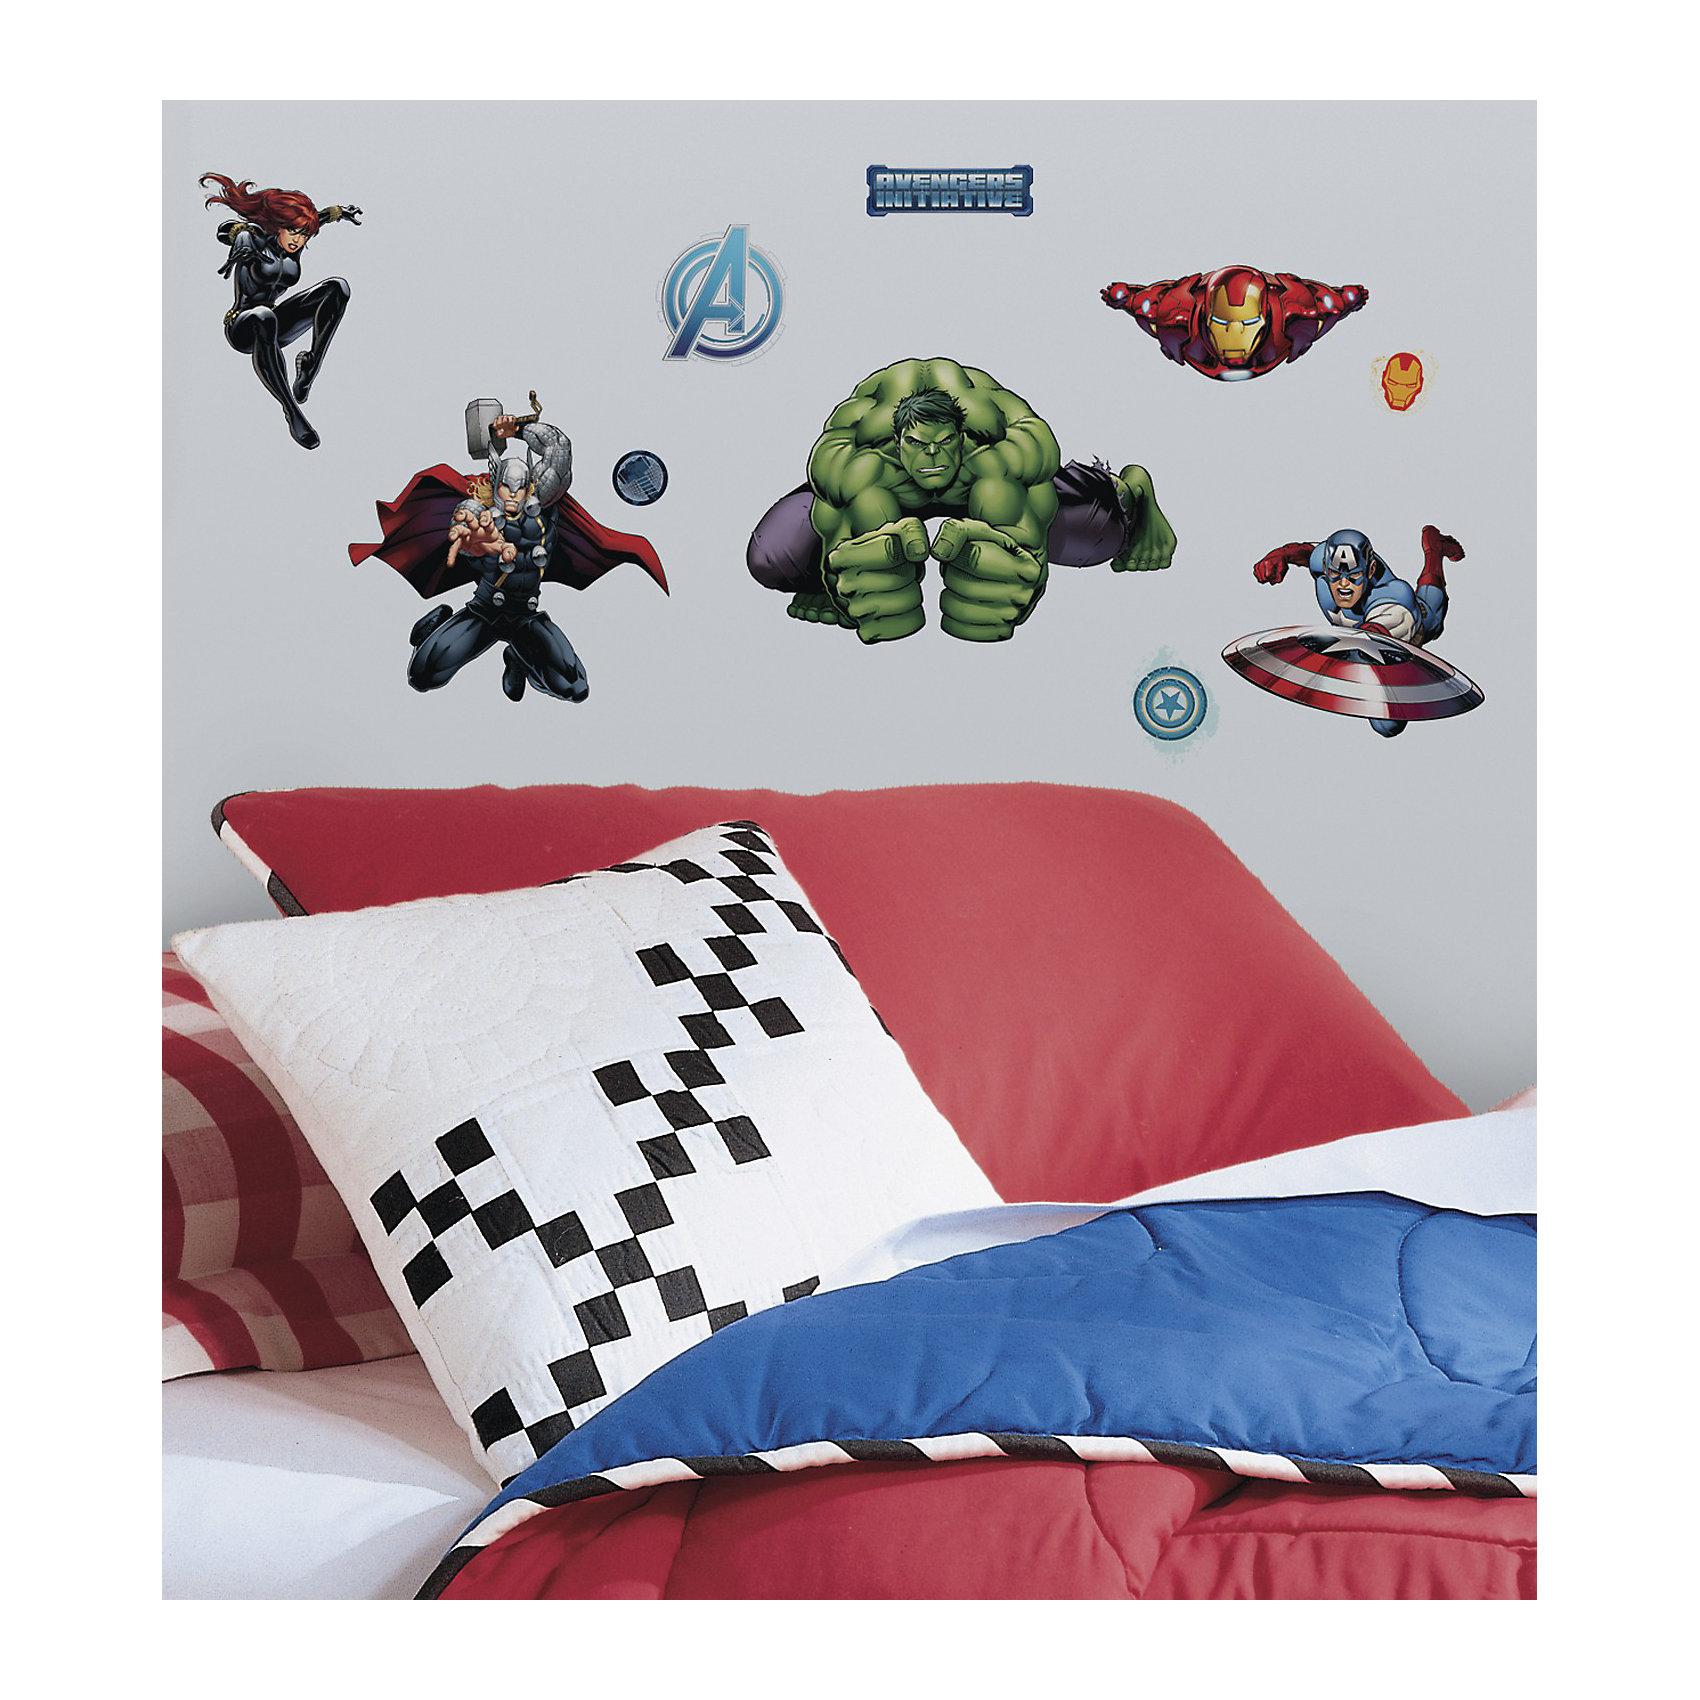 Наклейки для декора Мстители (персонажи)Предметы интерьера<br>Наклейки для декора Мстители от знаменитого производителя RoomMates станут украшением вашей квартиры! Новый яркий набор наклеек для декора оценит каждый любитель классических комиксов от студии Марвел! Наклейки, входящие в набор, содержат изображения Капитана Америки, Железного Человека, Халка, Тора, Черной Вдовы и других героев знаменитых комиксов. Всего в наборе 28 стикеров. Наклейки не нужно вырезать - их следует просто отсоединить от защитного слоя и поместить на стену или любую другую плоскую гладкую поверхность. Наклейки многоразовые: их легко переклеивать и снимать со стены, они не оставляют липких следов на поверхности. В каждой индивидуальной упаковке Вы можете найти 4 листа с различными наклейками! Таким образом, покупая наклейки фирмы RoomMates, Вы получаете гораздо больший ассортимент наклеек, имея возможность украсить ими различные поверхности в доме.<br><br>Ширина мм: 273<br>Глубина мм: 129<br>Высота мм: 27<br>Вес г: 165<br>Возраст от месяцев: 48<br>Возраст до месяцев: 1164<br>Пол: Мужской<br>Возраст: Детский<br>SKU: 3901226